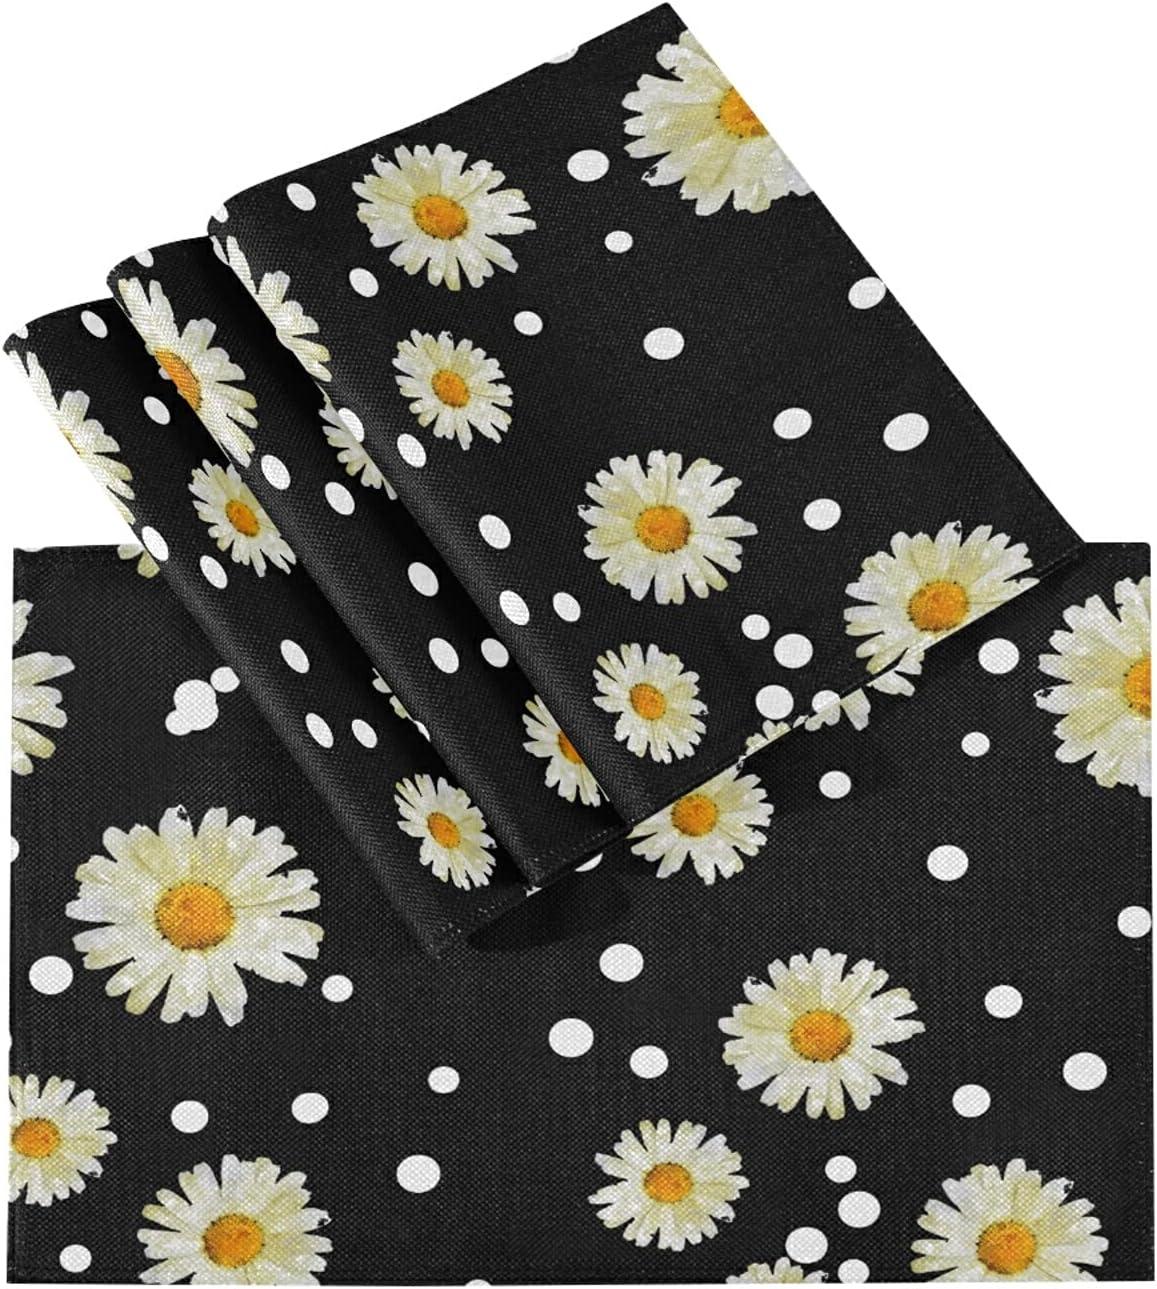 KKAYHA - Juego de 4 manteles individuales resistentes al calor con diseño de margaritas de flores y lunares, lavable, para decoración de mesa de cocina, comedor, 45,7 x 30,5 cm